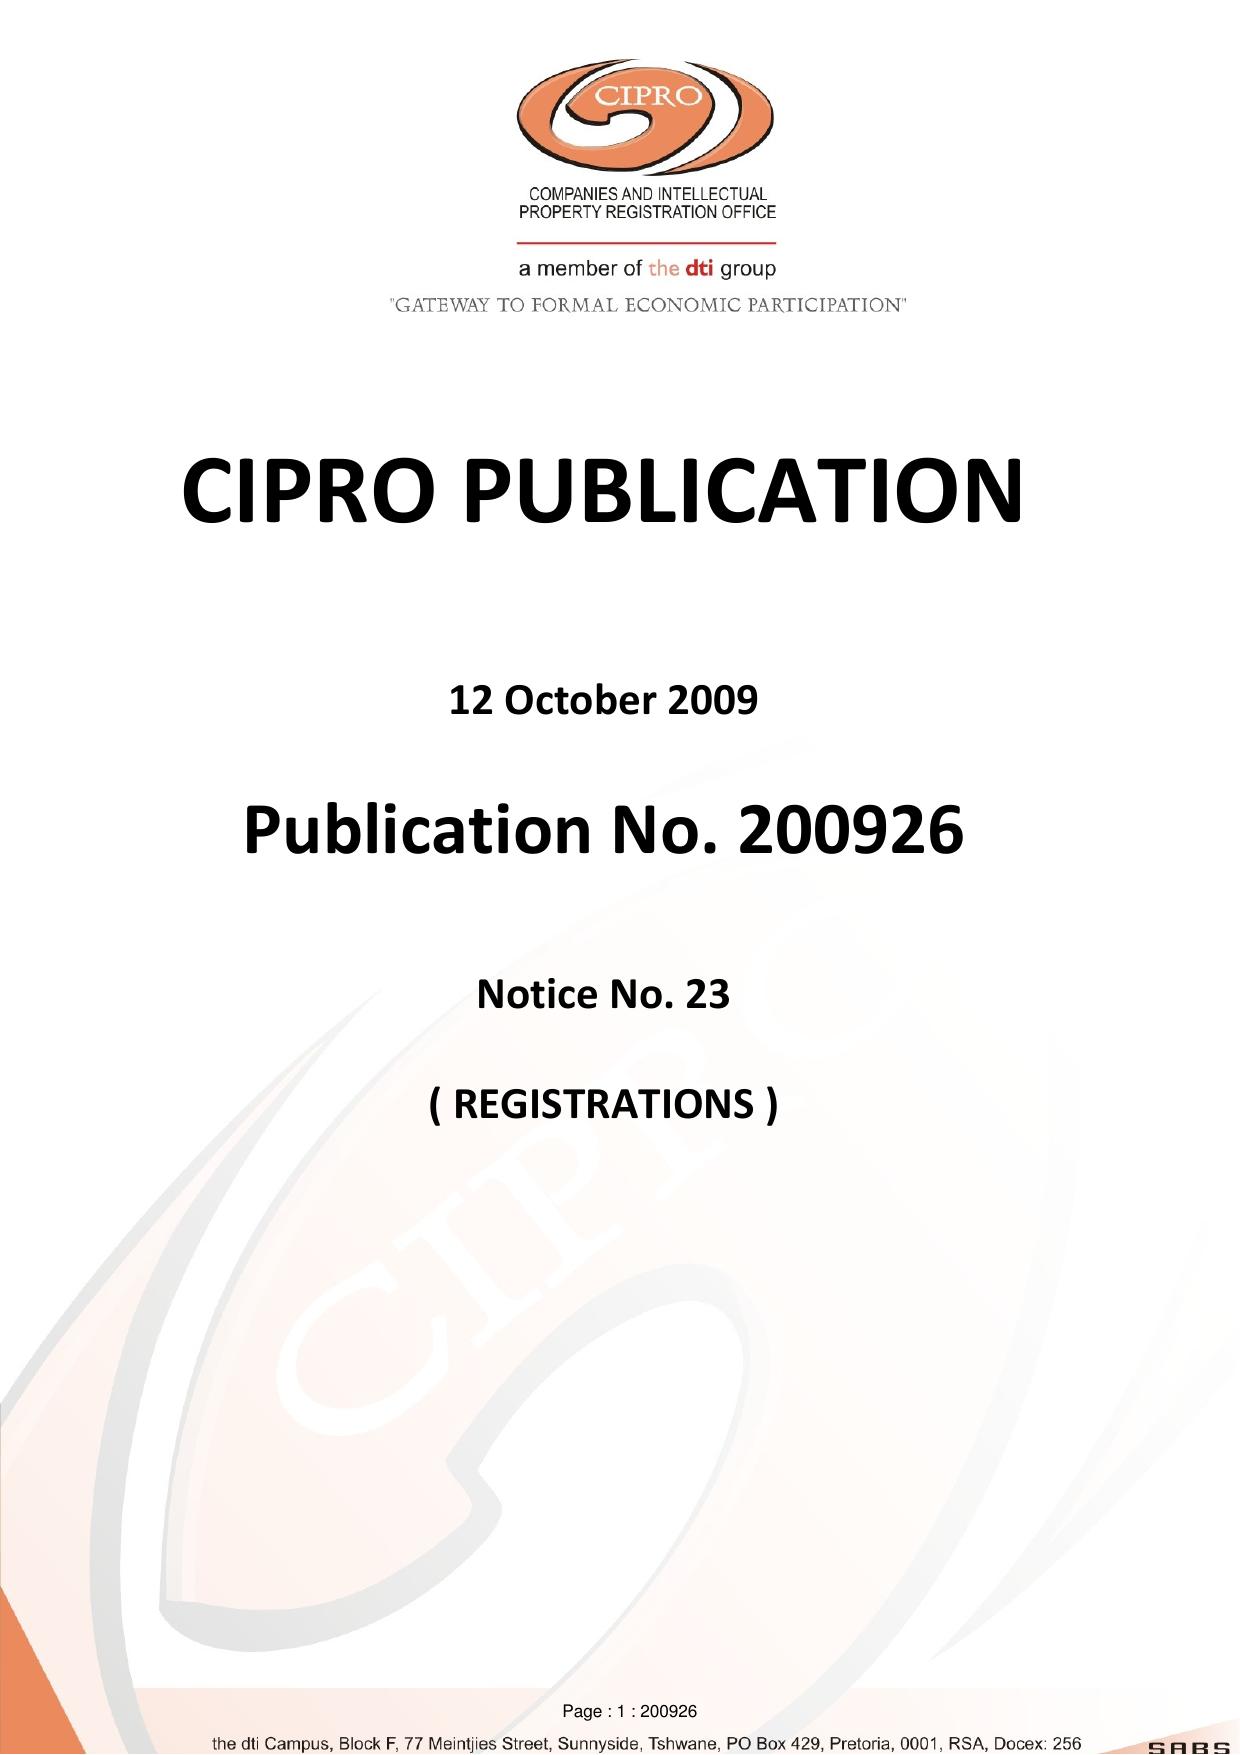 Publication No  200926 - Notice 23